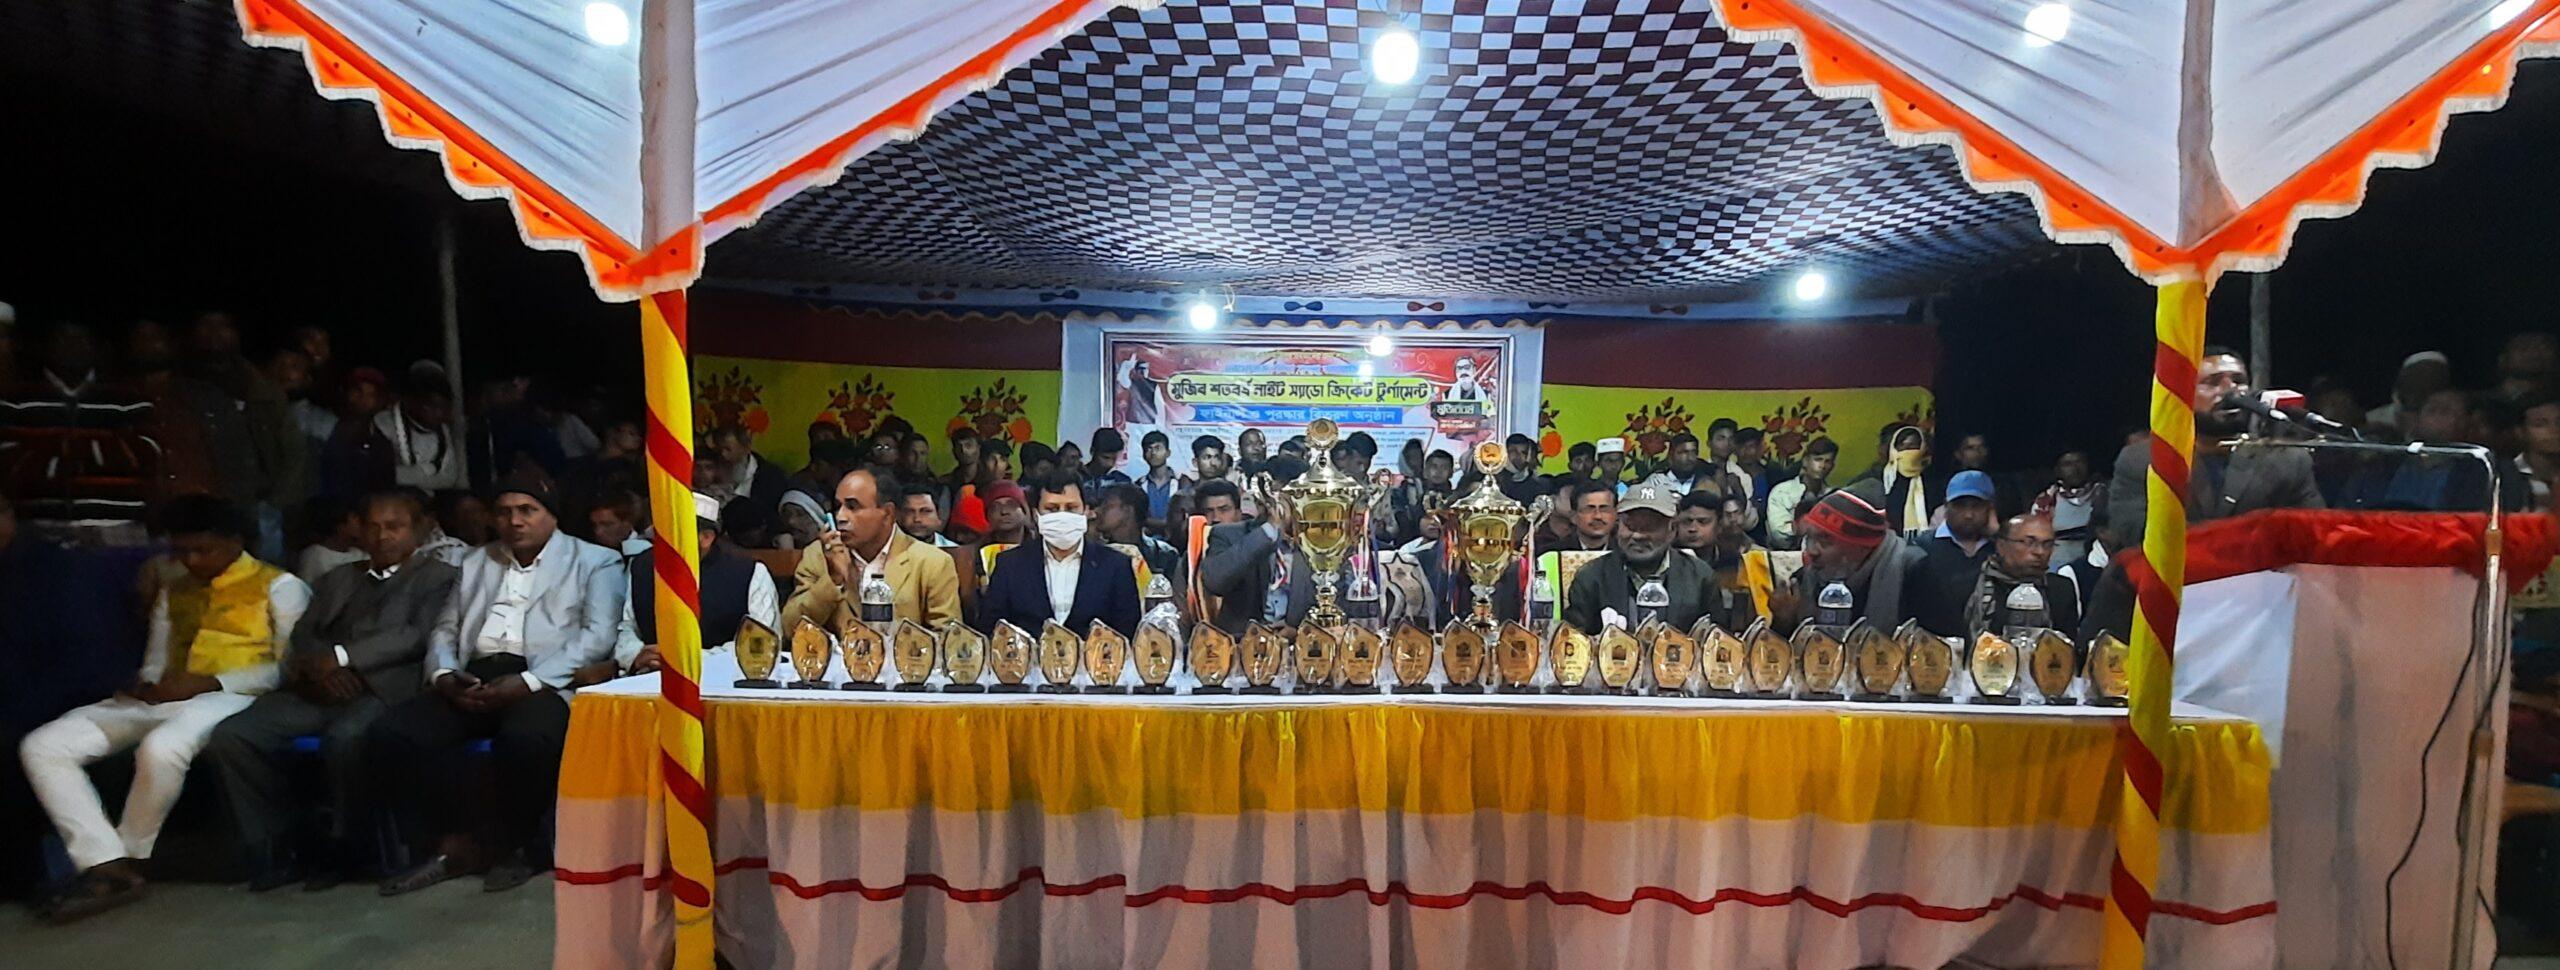 রাঙ্গাবালীতে মুজিব শতবর্ষ নাইট শ্যাডো ক্রিকেট টুর্নামেন্ট এর ফাইনাল অনুষ্ঠিত